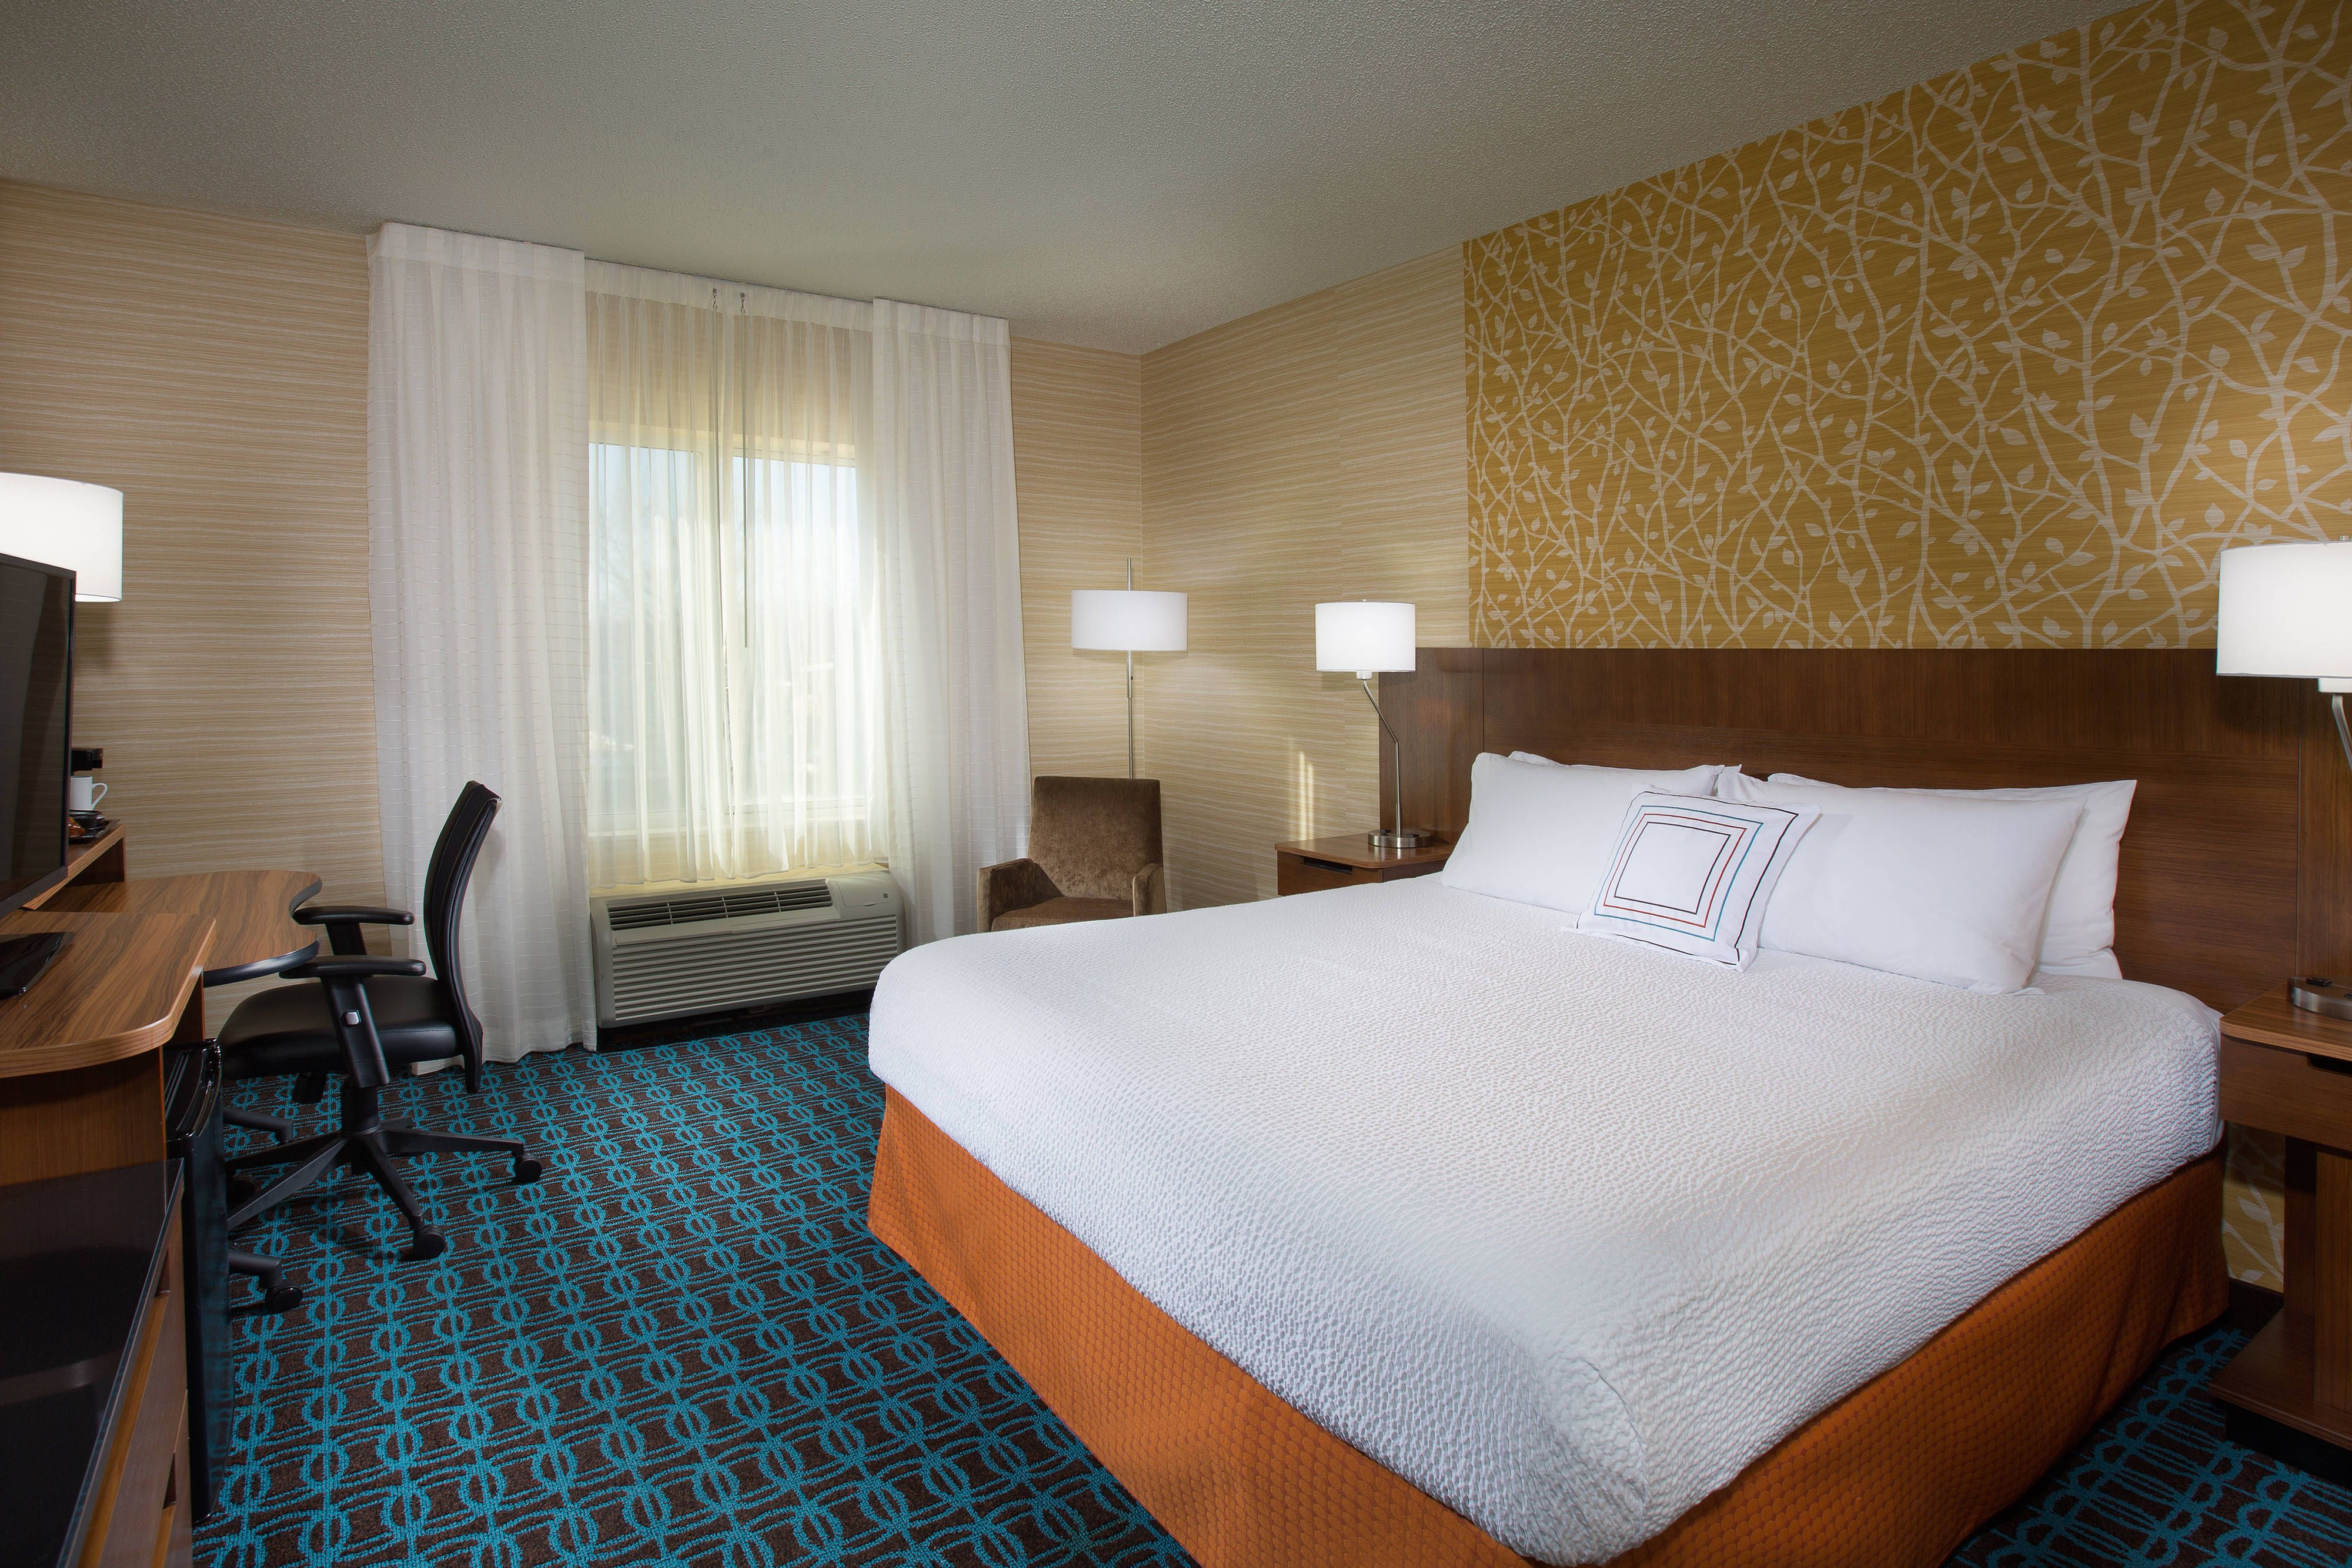 Fairfield Inn Fairfield Inn Suites Inn